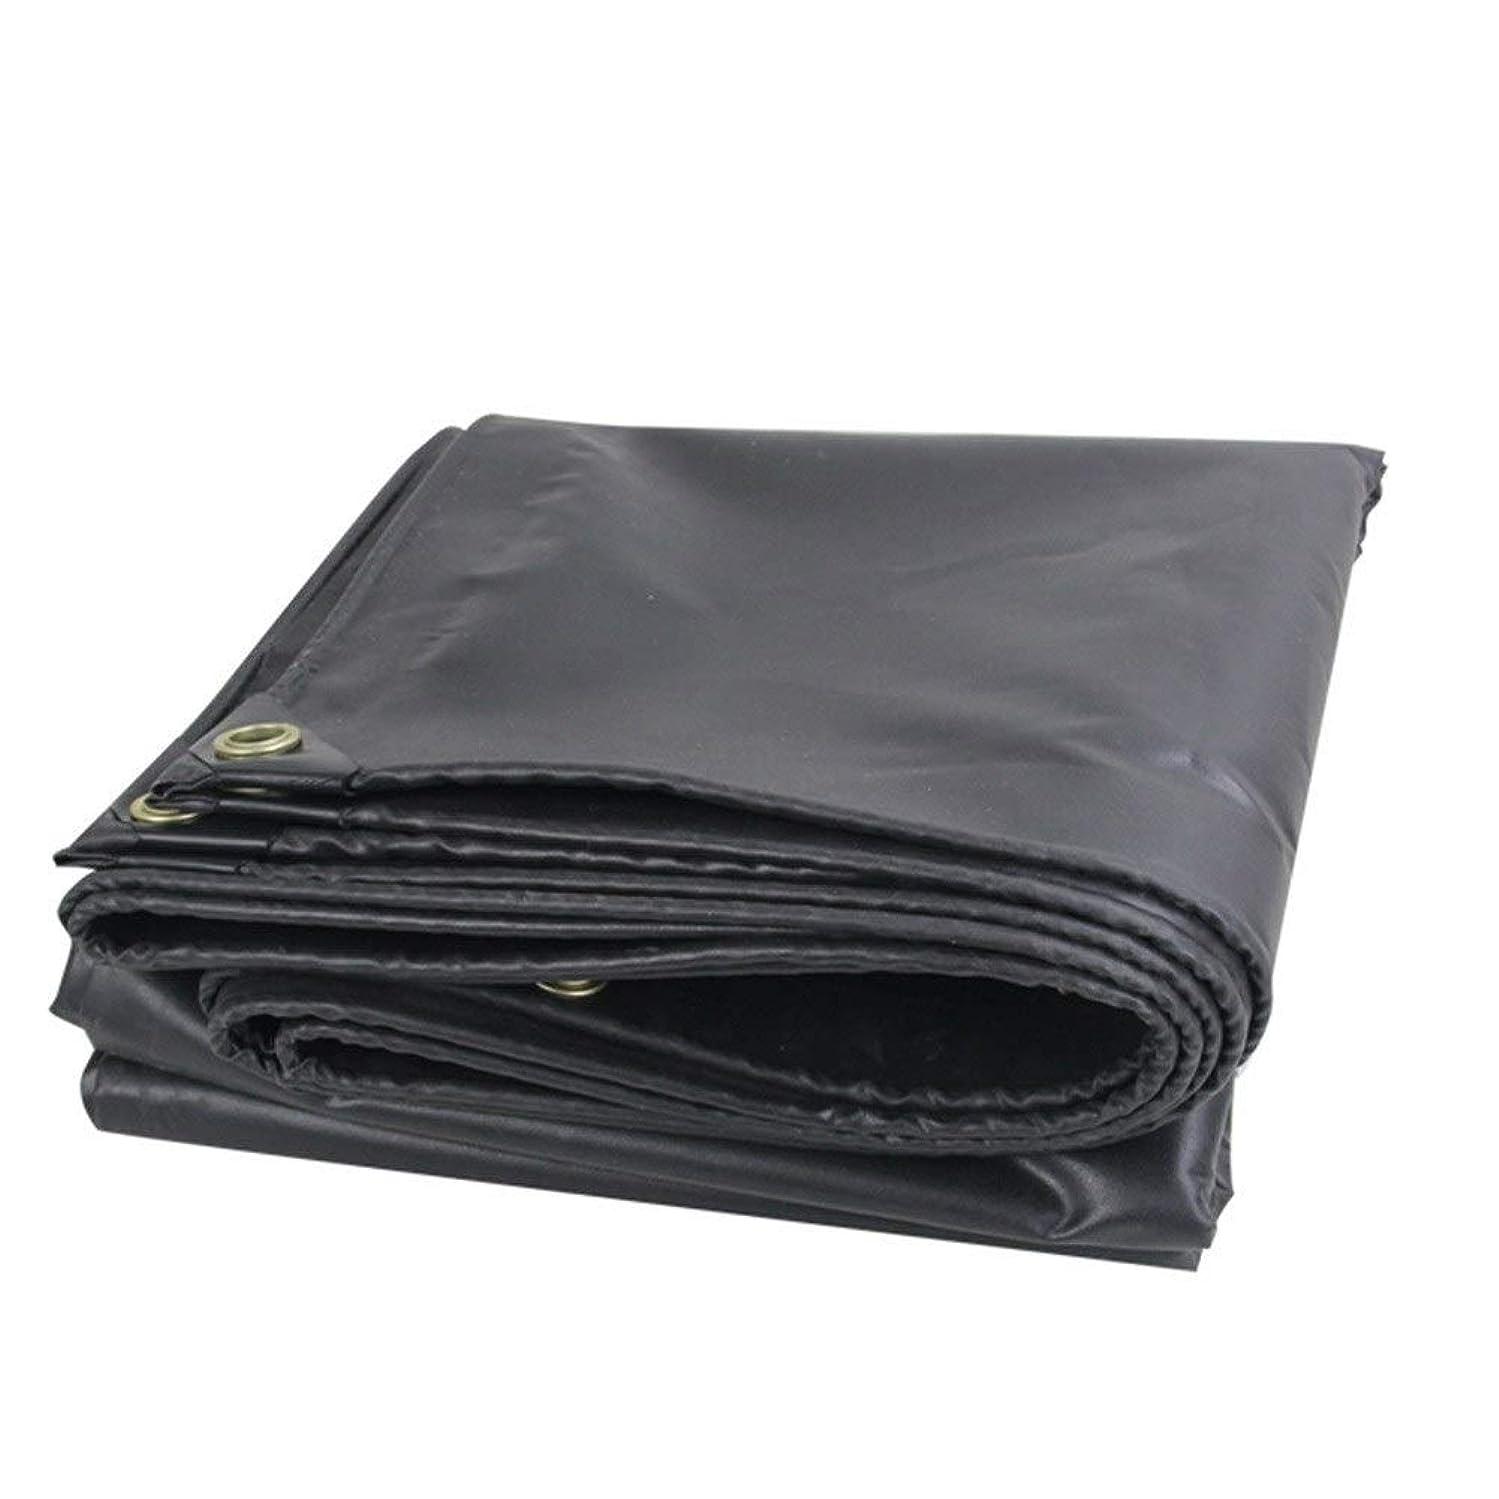 火可決ハブブFQJYNLY ターポリンタープ防雨布シェーディングライトファーム屋外の金属製のボタンホール,PVC、 11サイズ (Color : Black, Size : 4.8X6.8M)